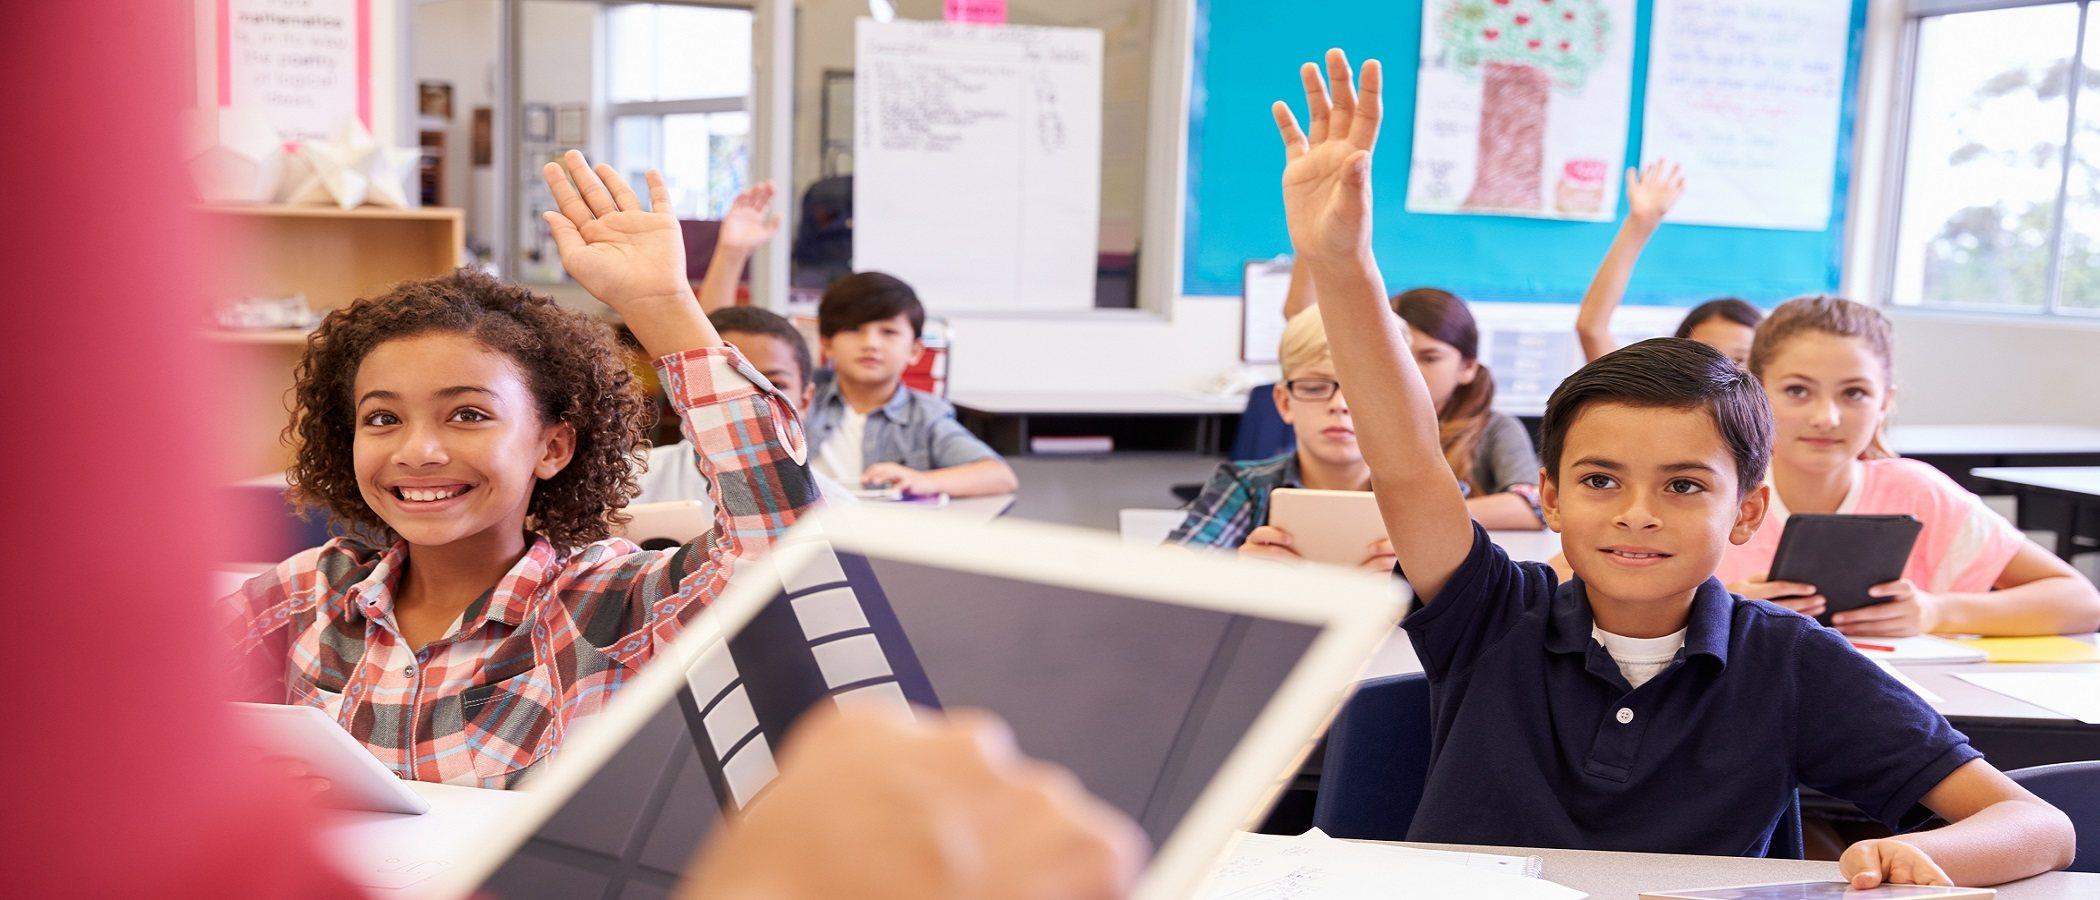 Para cambiar un mal comportamiento en el aula, primero hay que comprenderlo